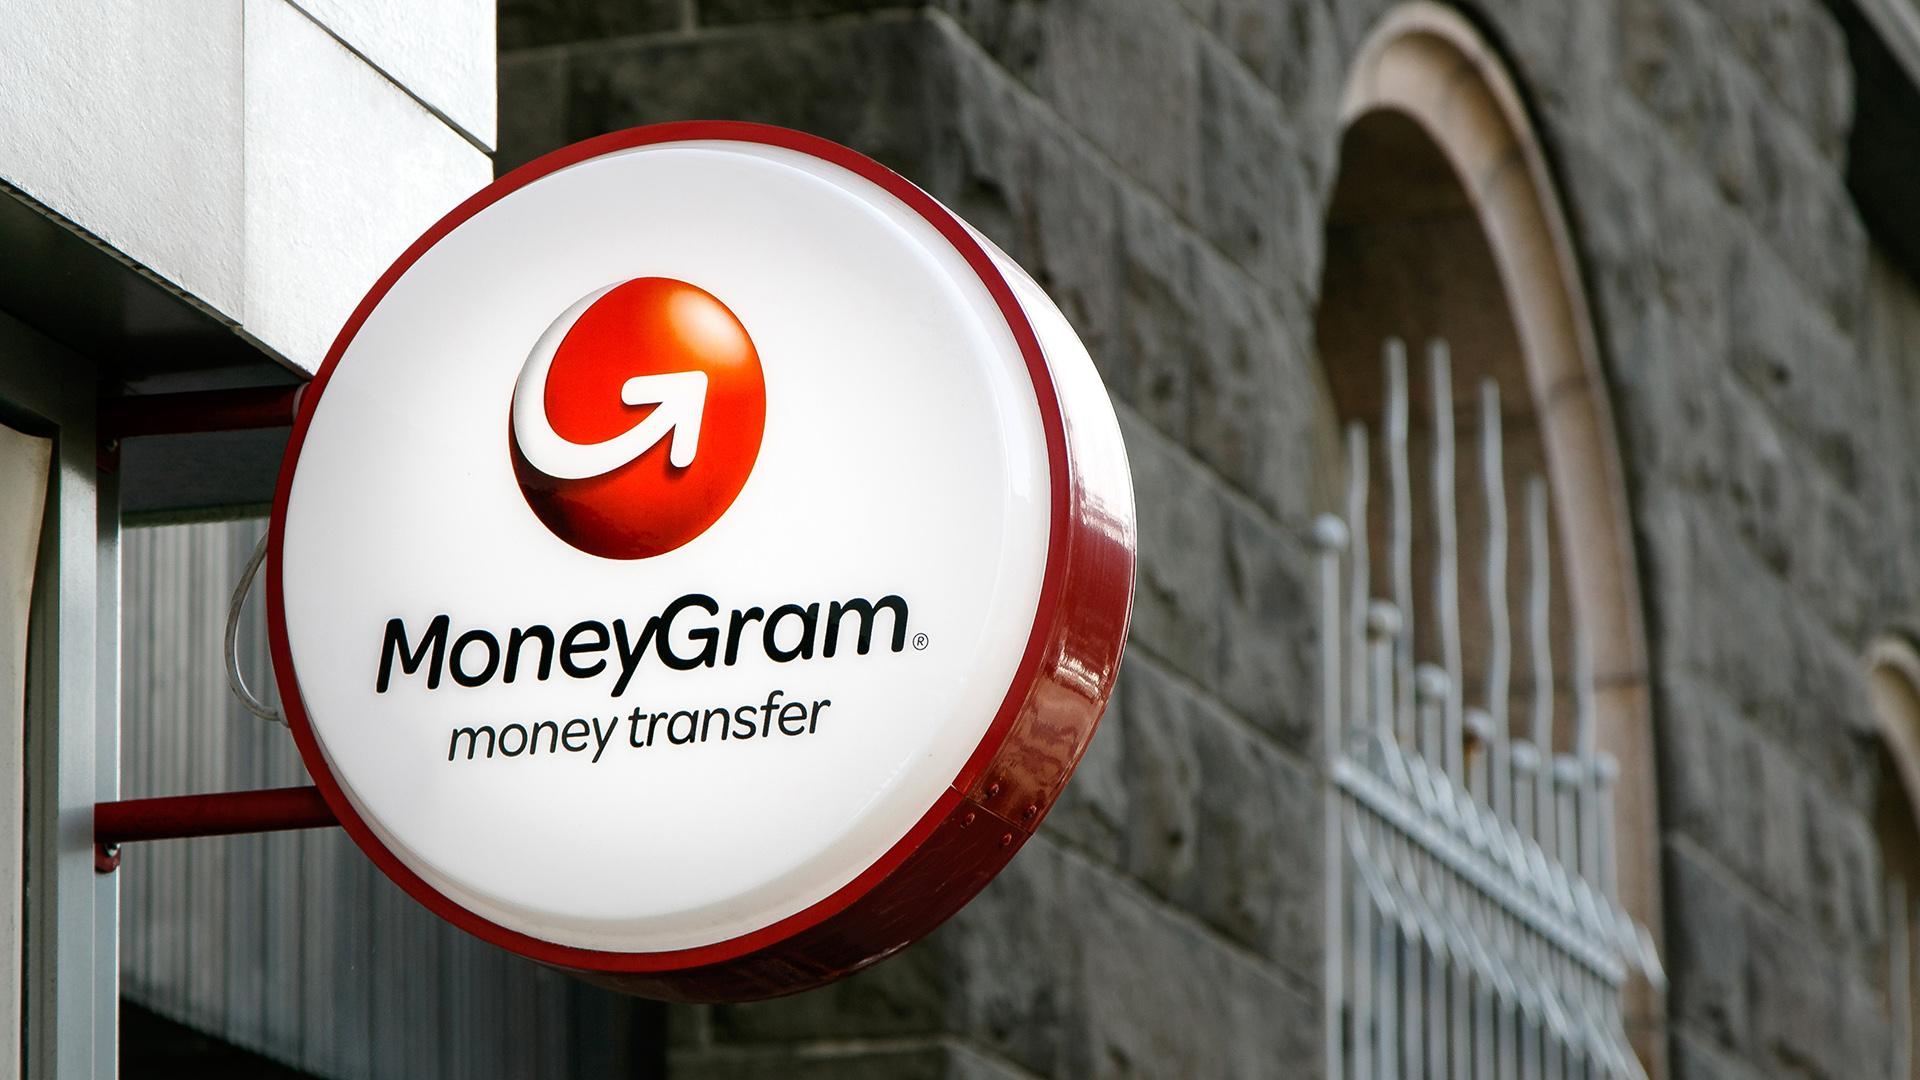 Ripple'ın Eski Ortağı MoneyGram, Bitcoin (BTC) Hizmeti Sunacak